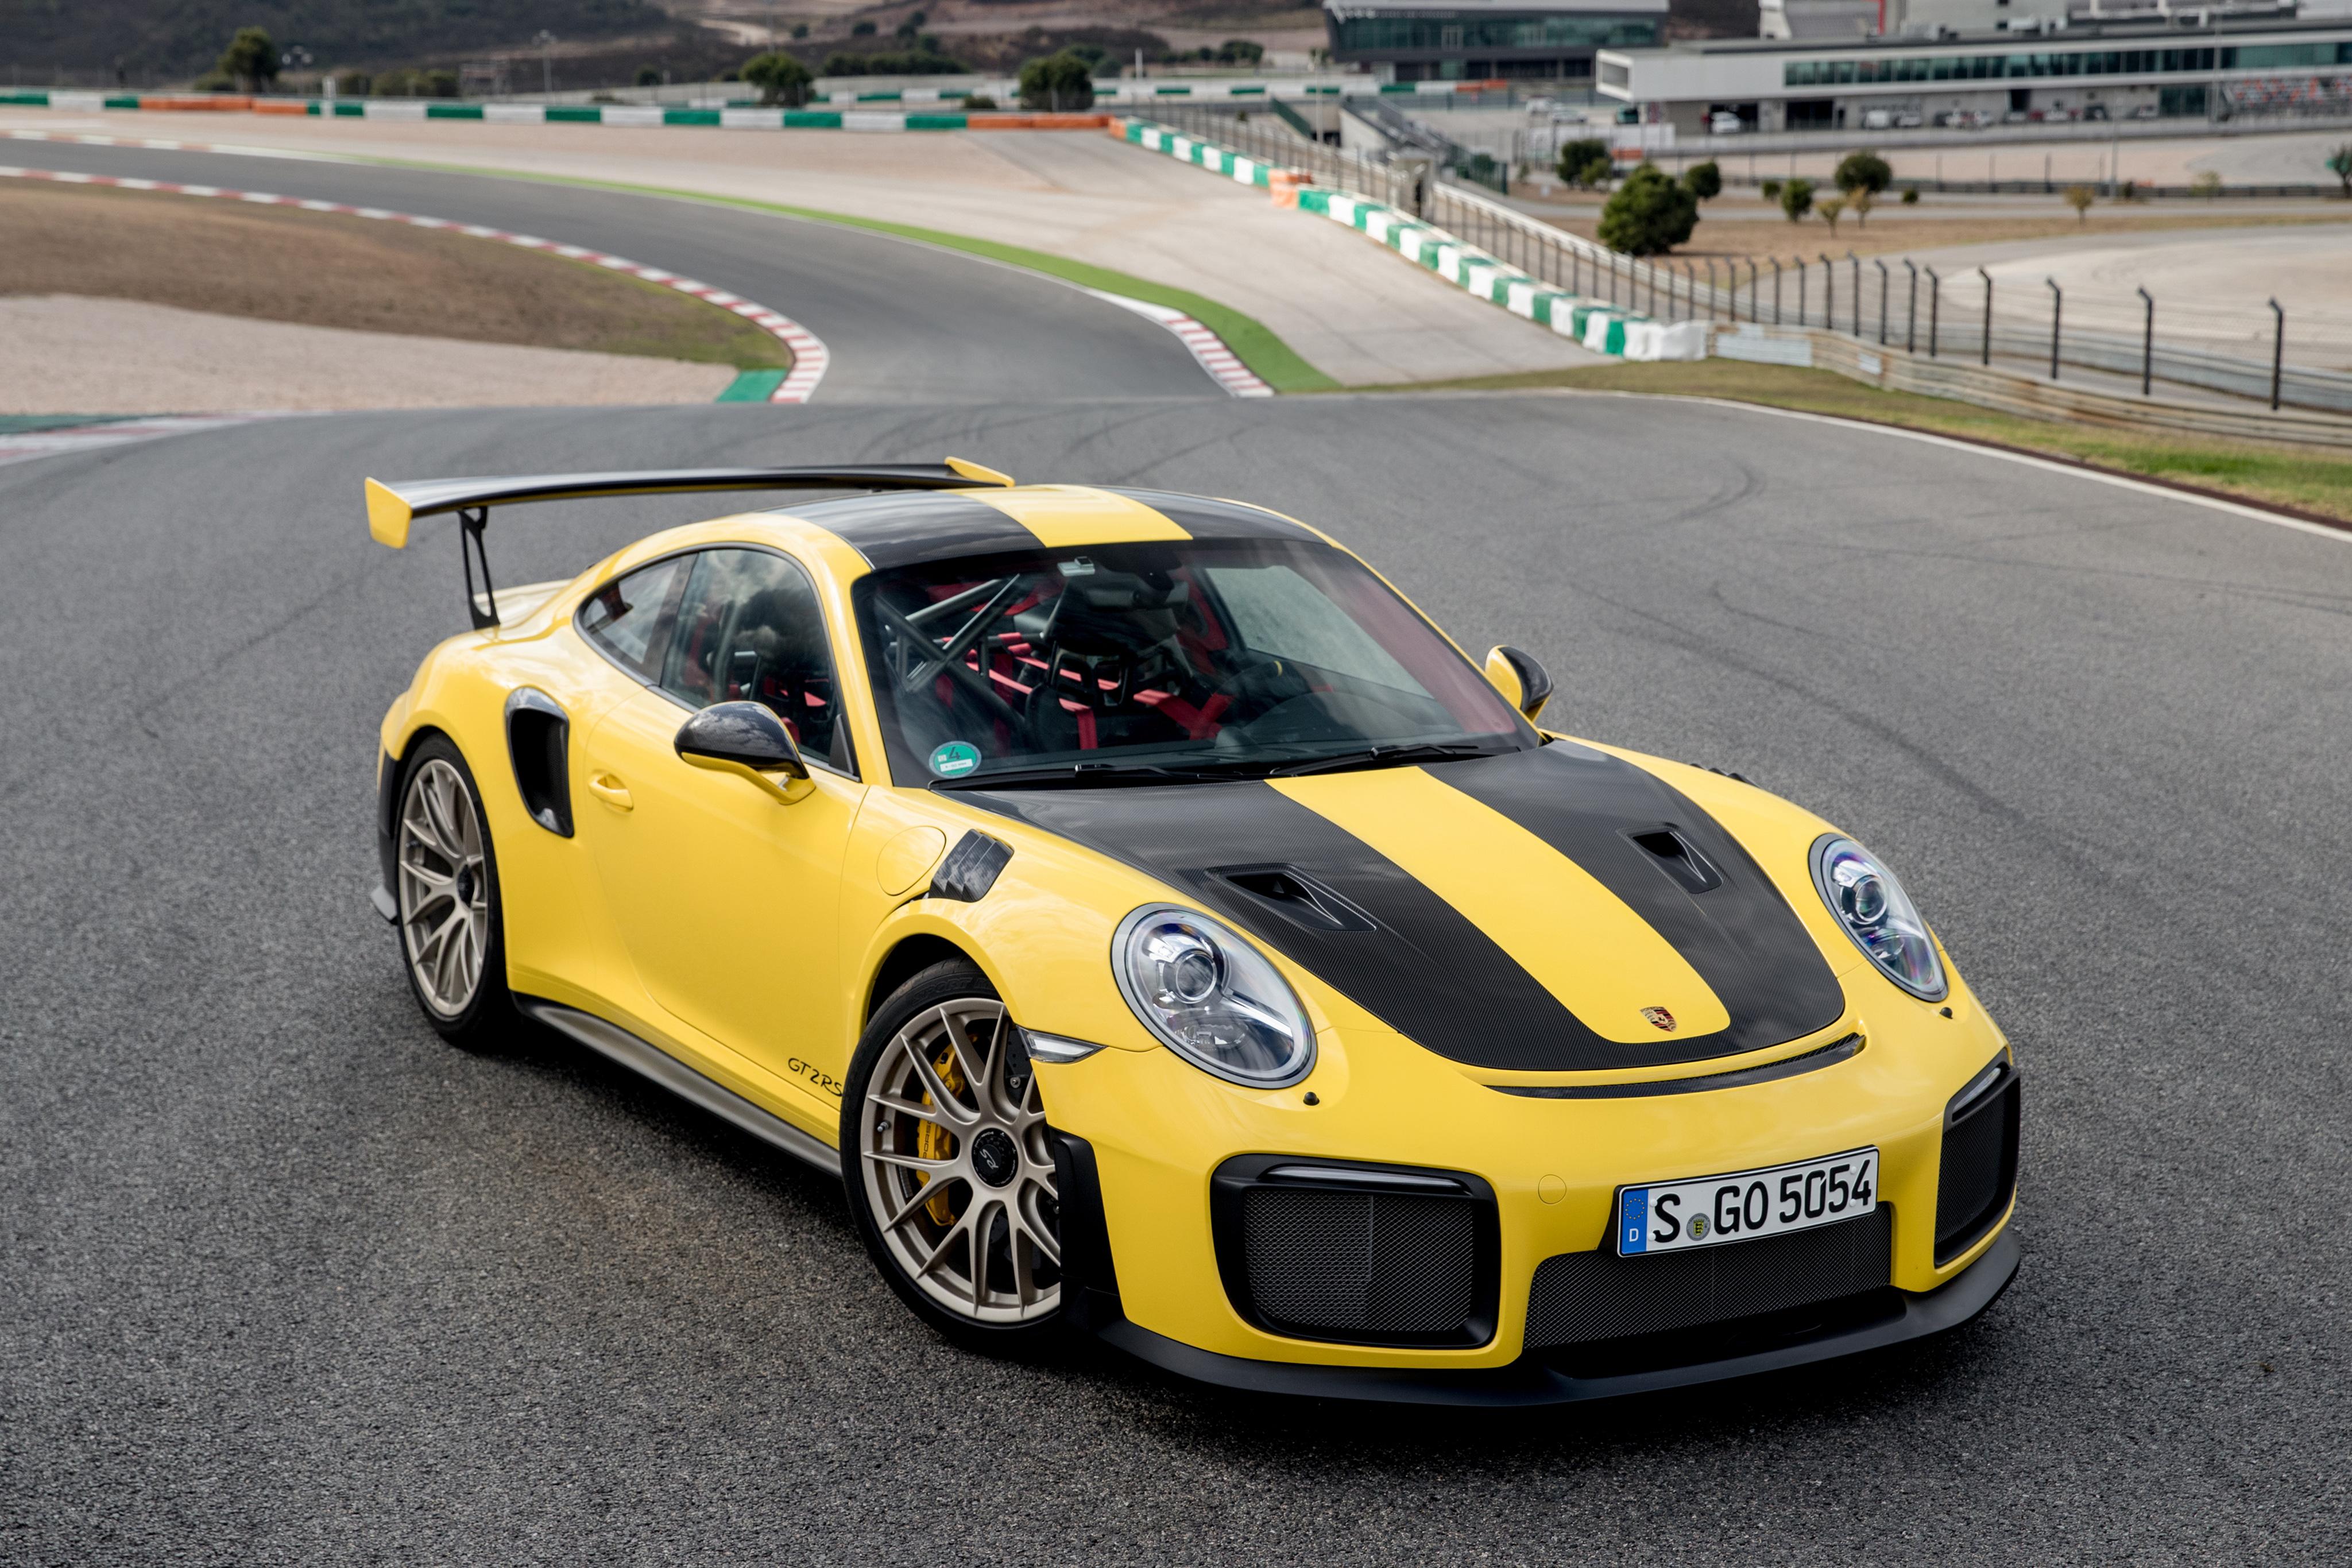 Sport Wallpaper Porsche 911: Porsche 911 GT2 RS Sports, HD Cars, 4k Wallpapers, Images